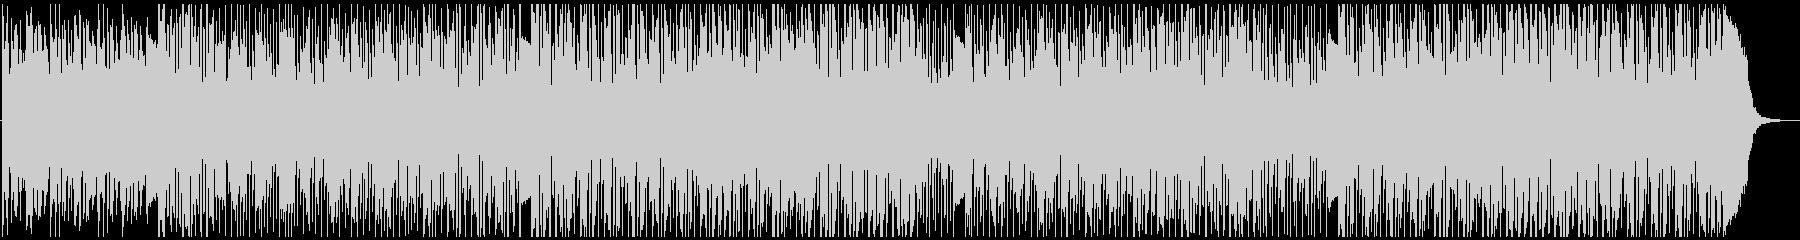 ポップ テクノ テクノロジー ドラムの未再生の波形